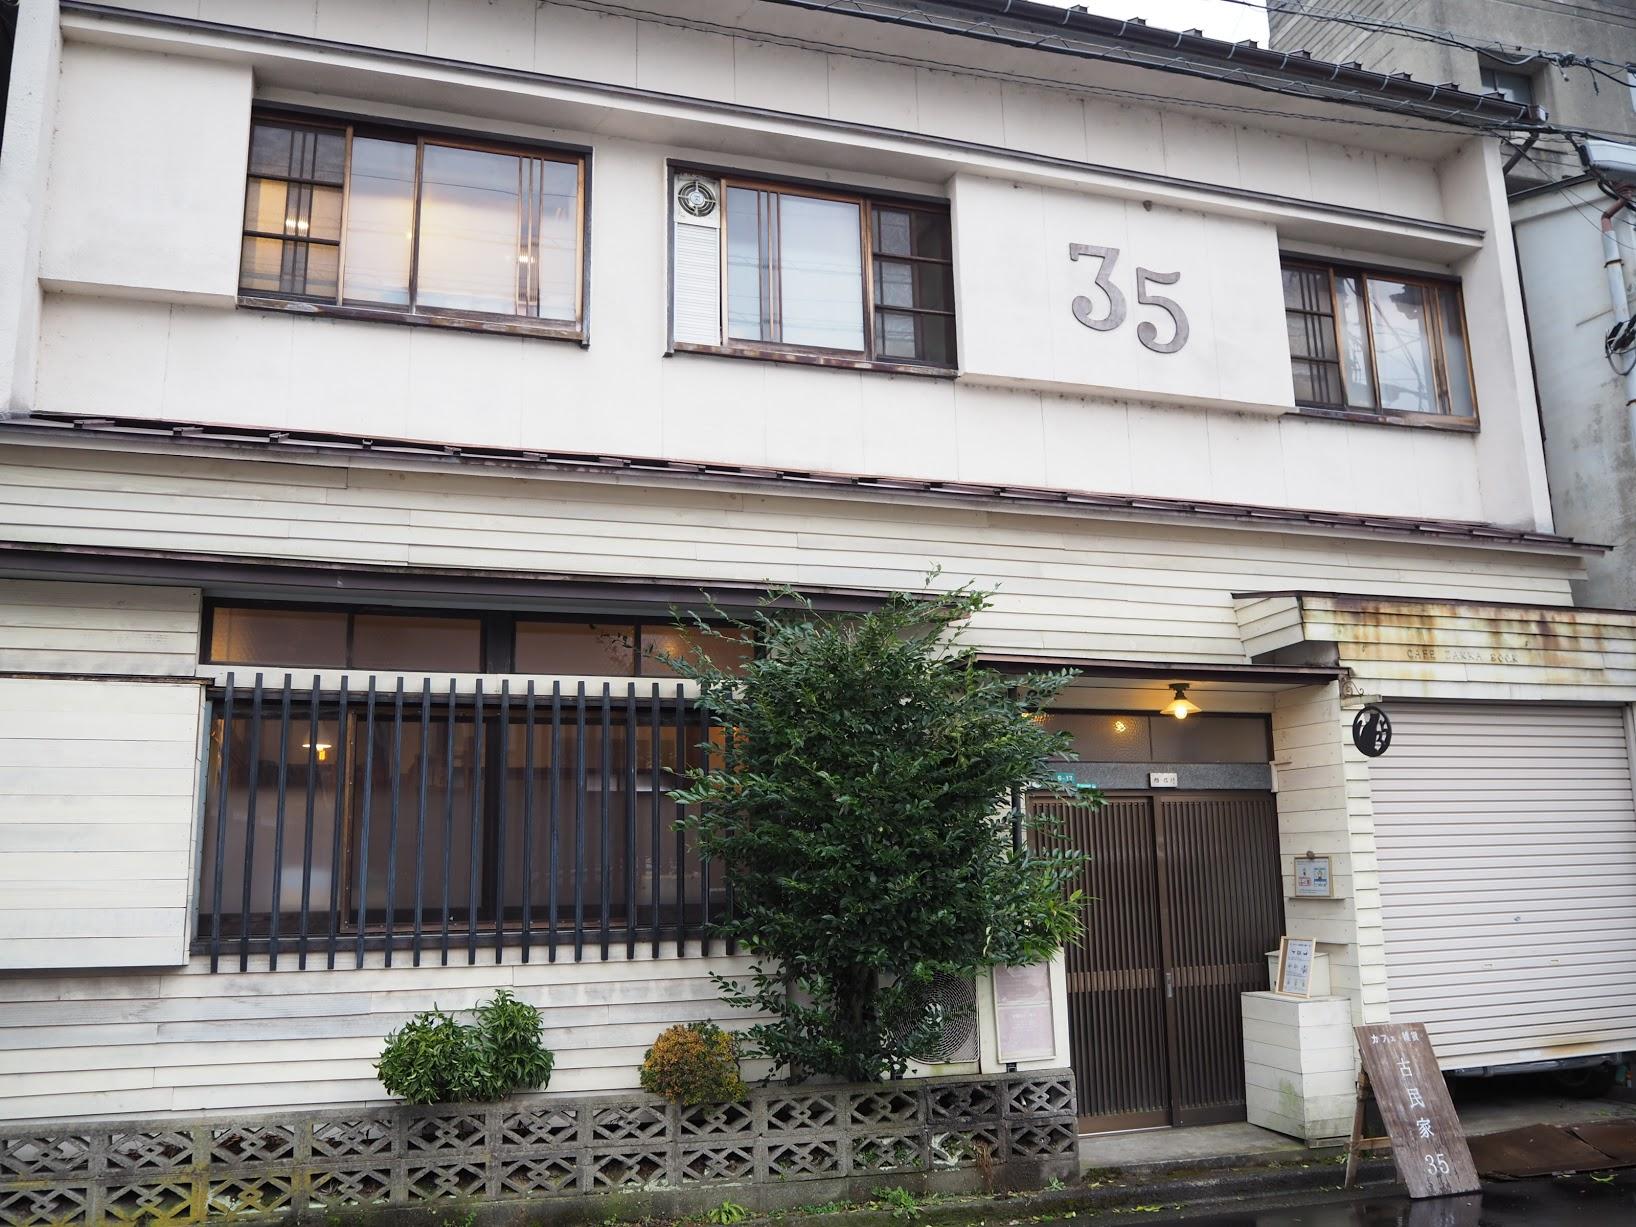 福井駅前浪漫飛行5「純喫茶の遺伝子を受け継いで」カフェと雑貨35 小林直樹さん